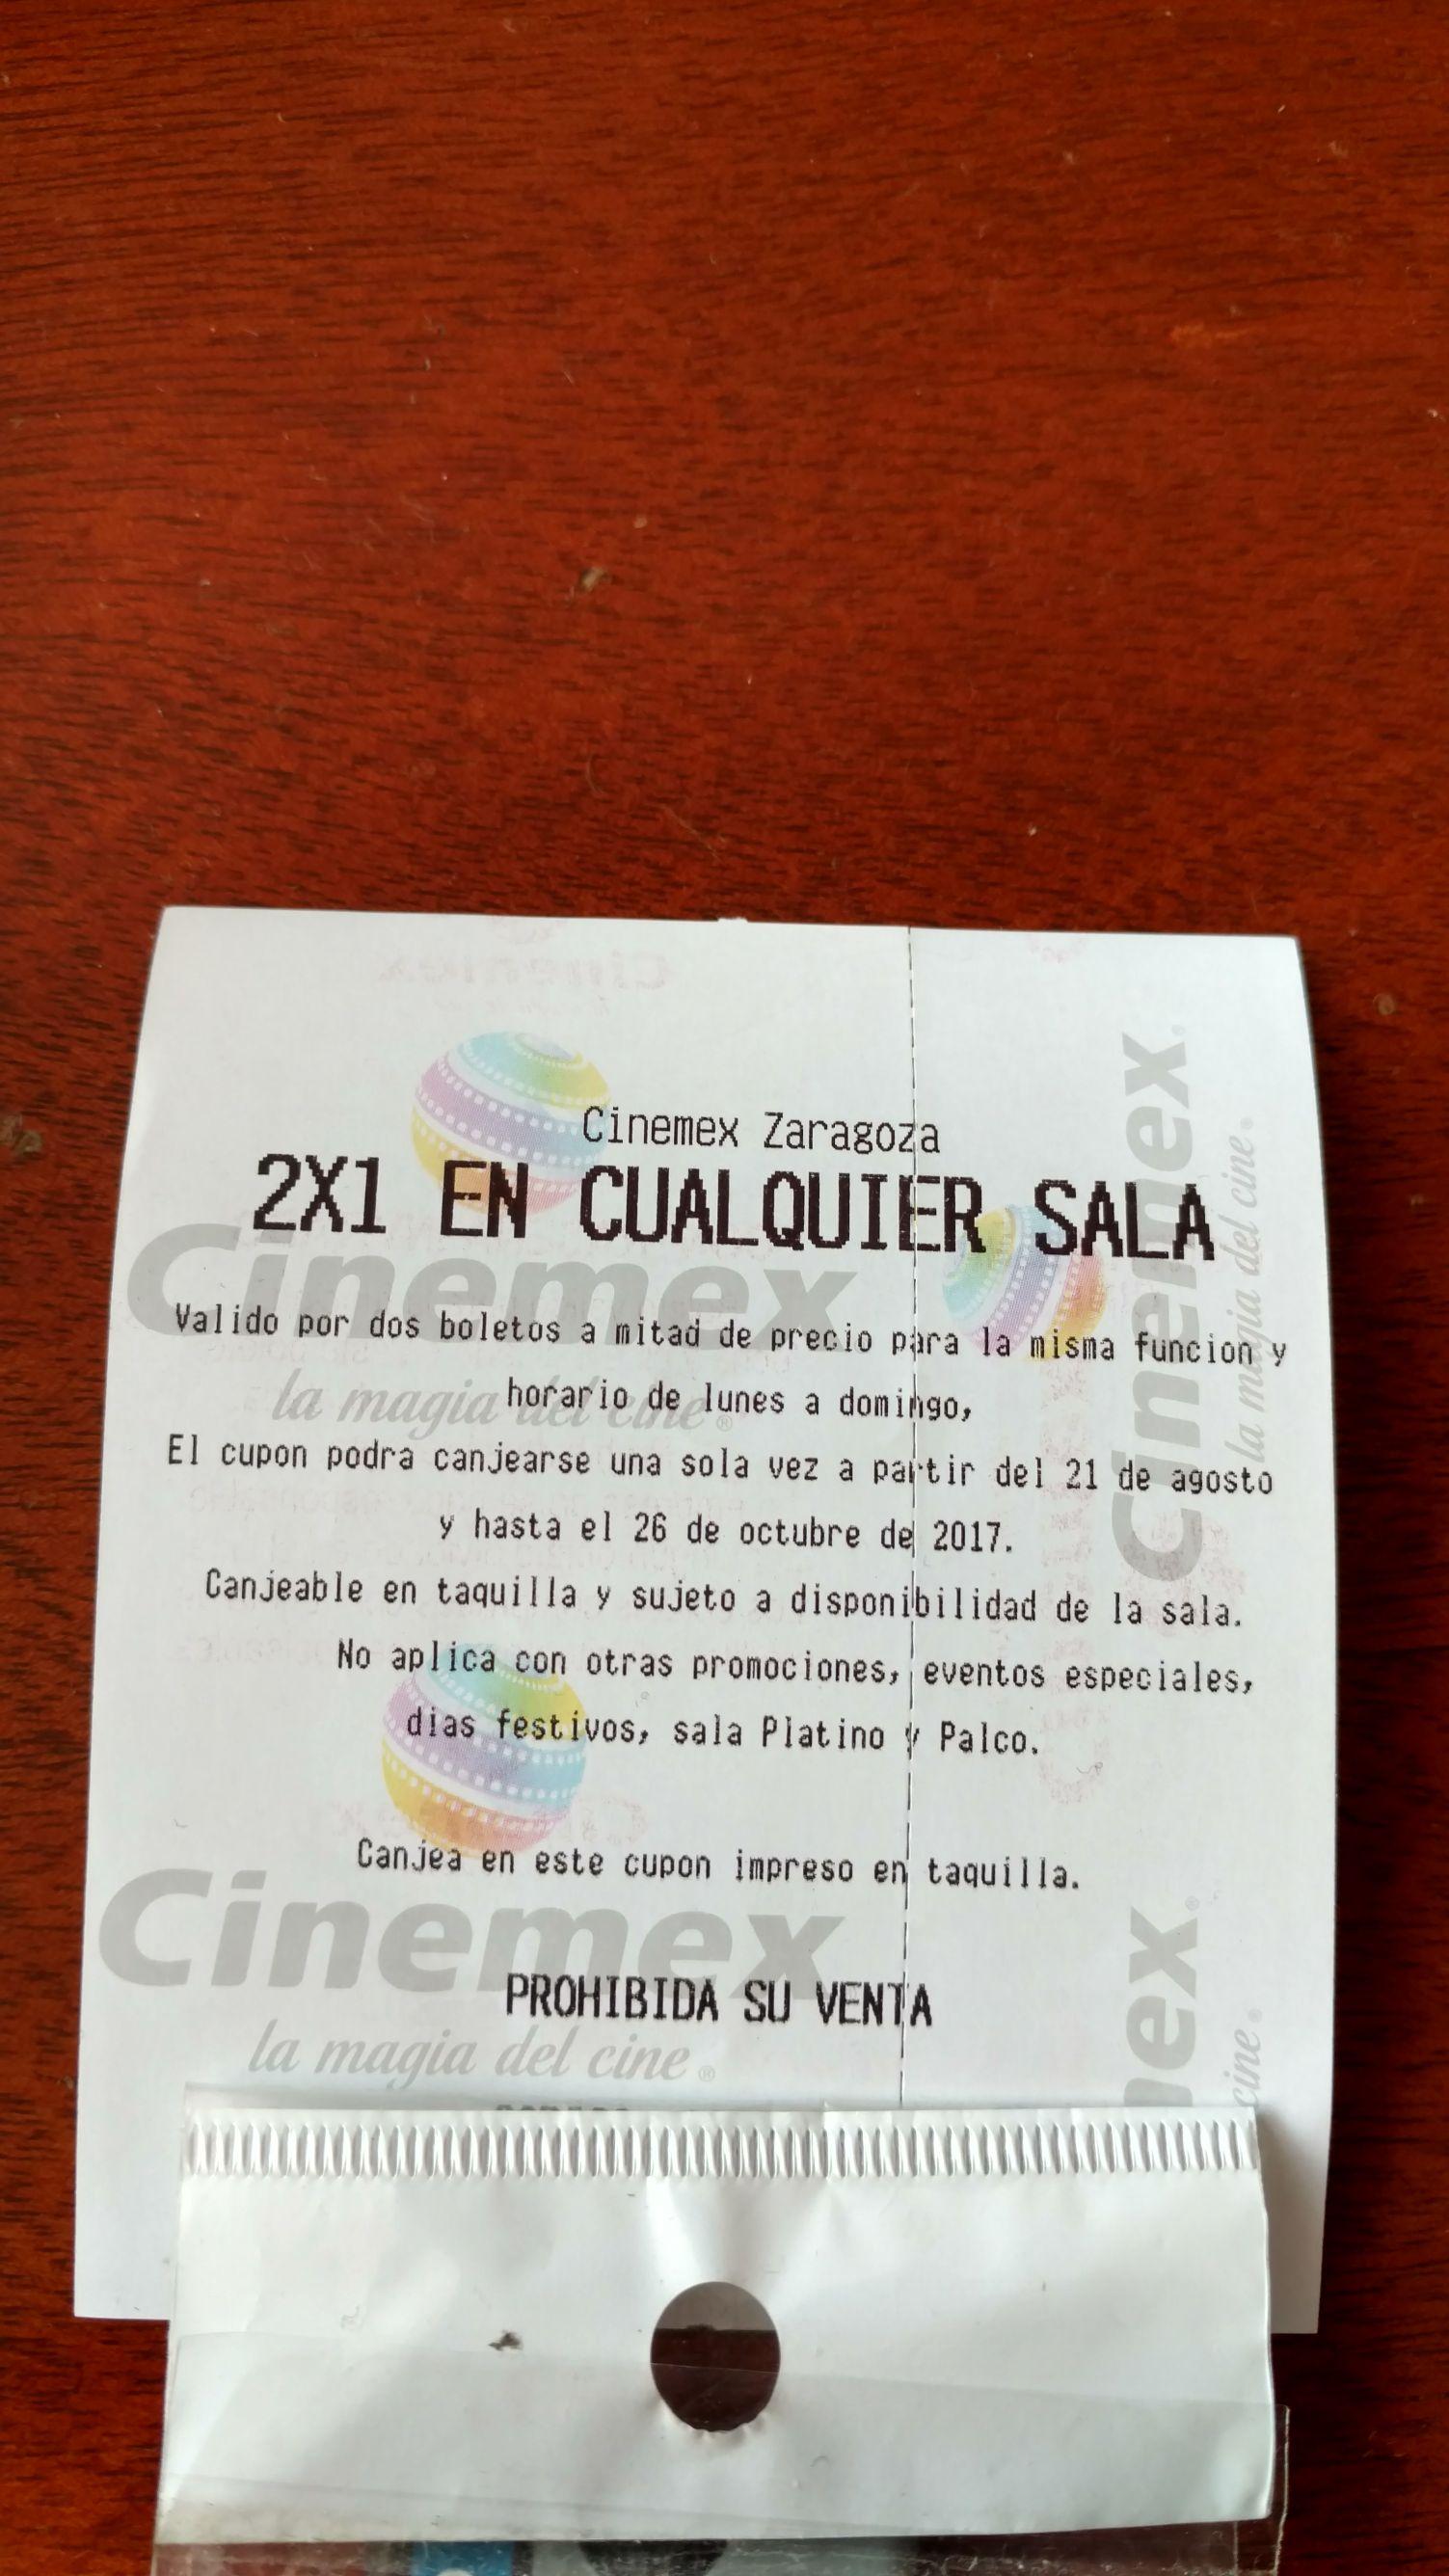 Cinemex: obten un 2x1 en cualquier sala en tu siguiente visita